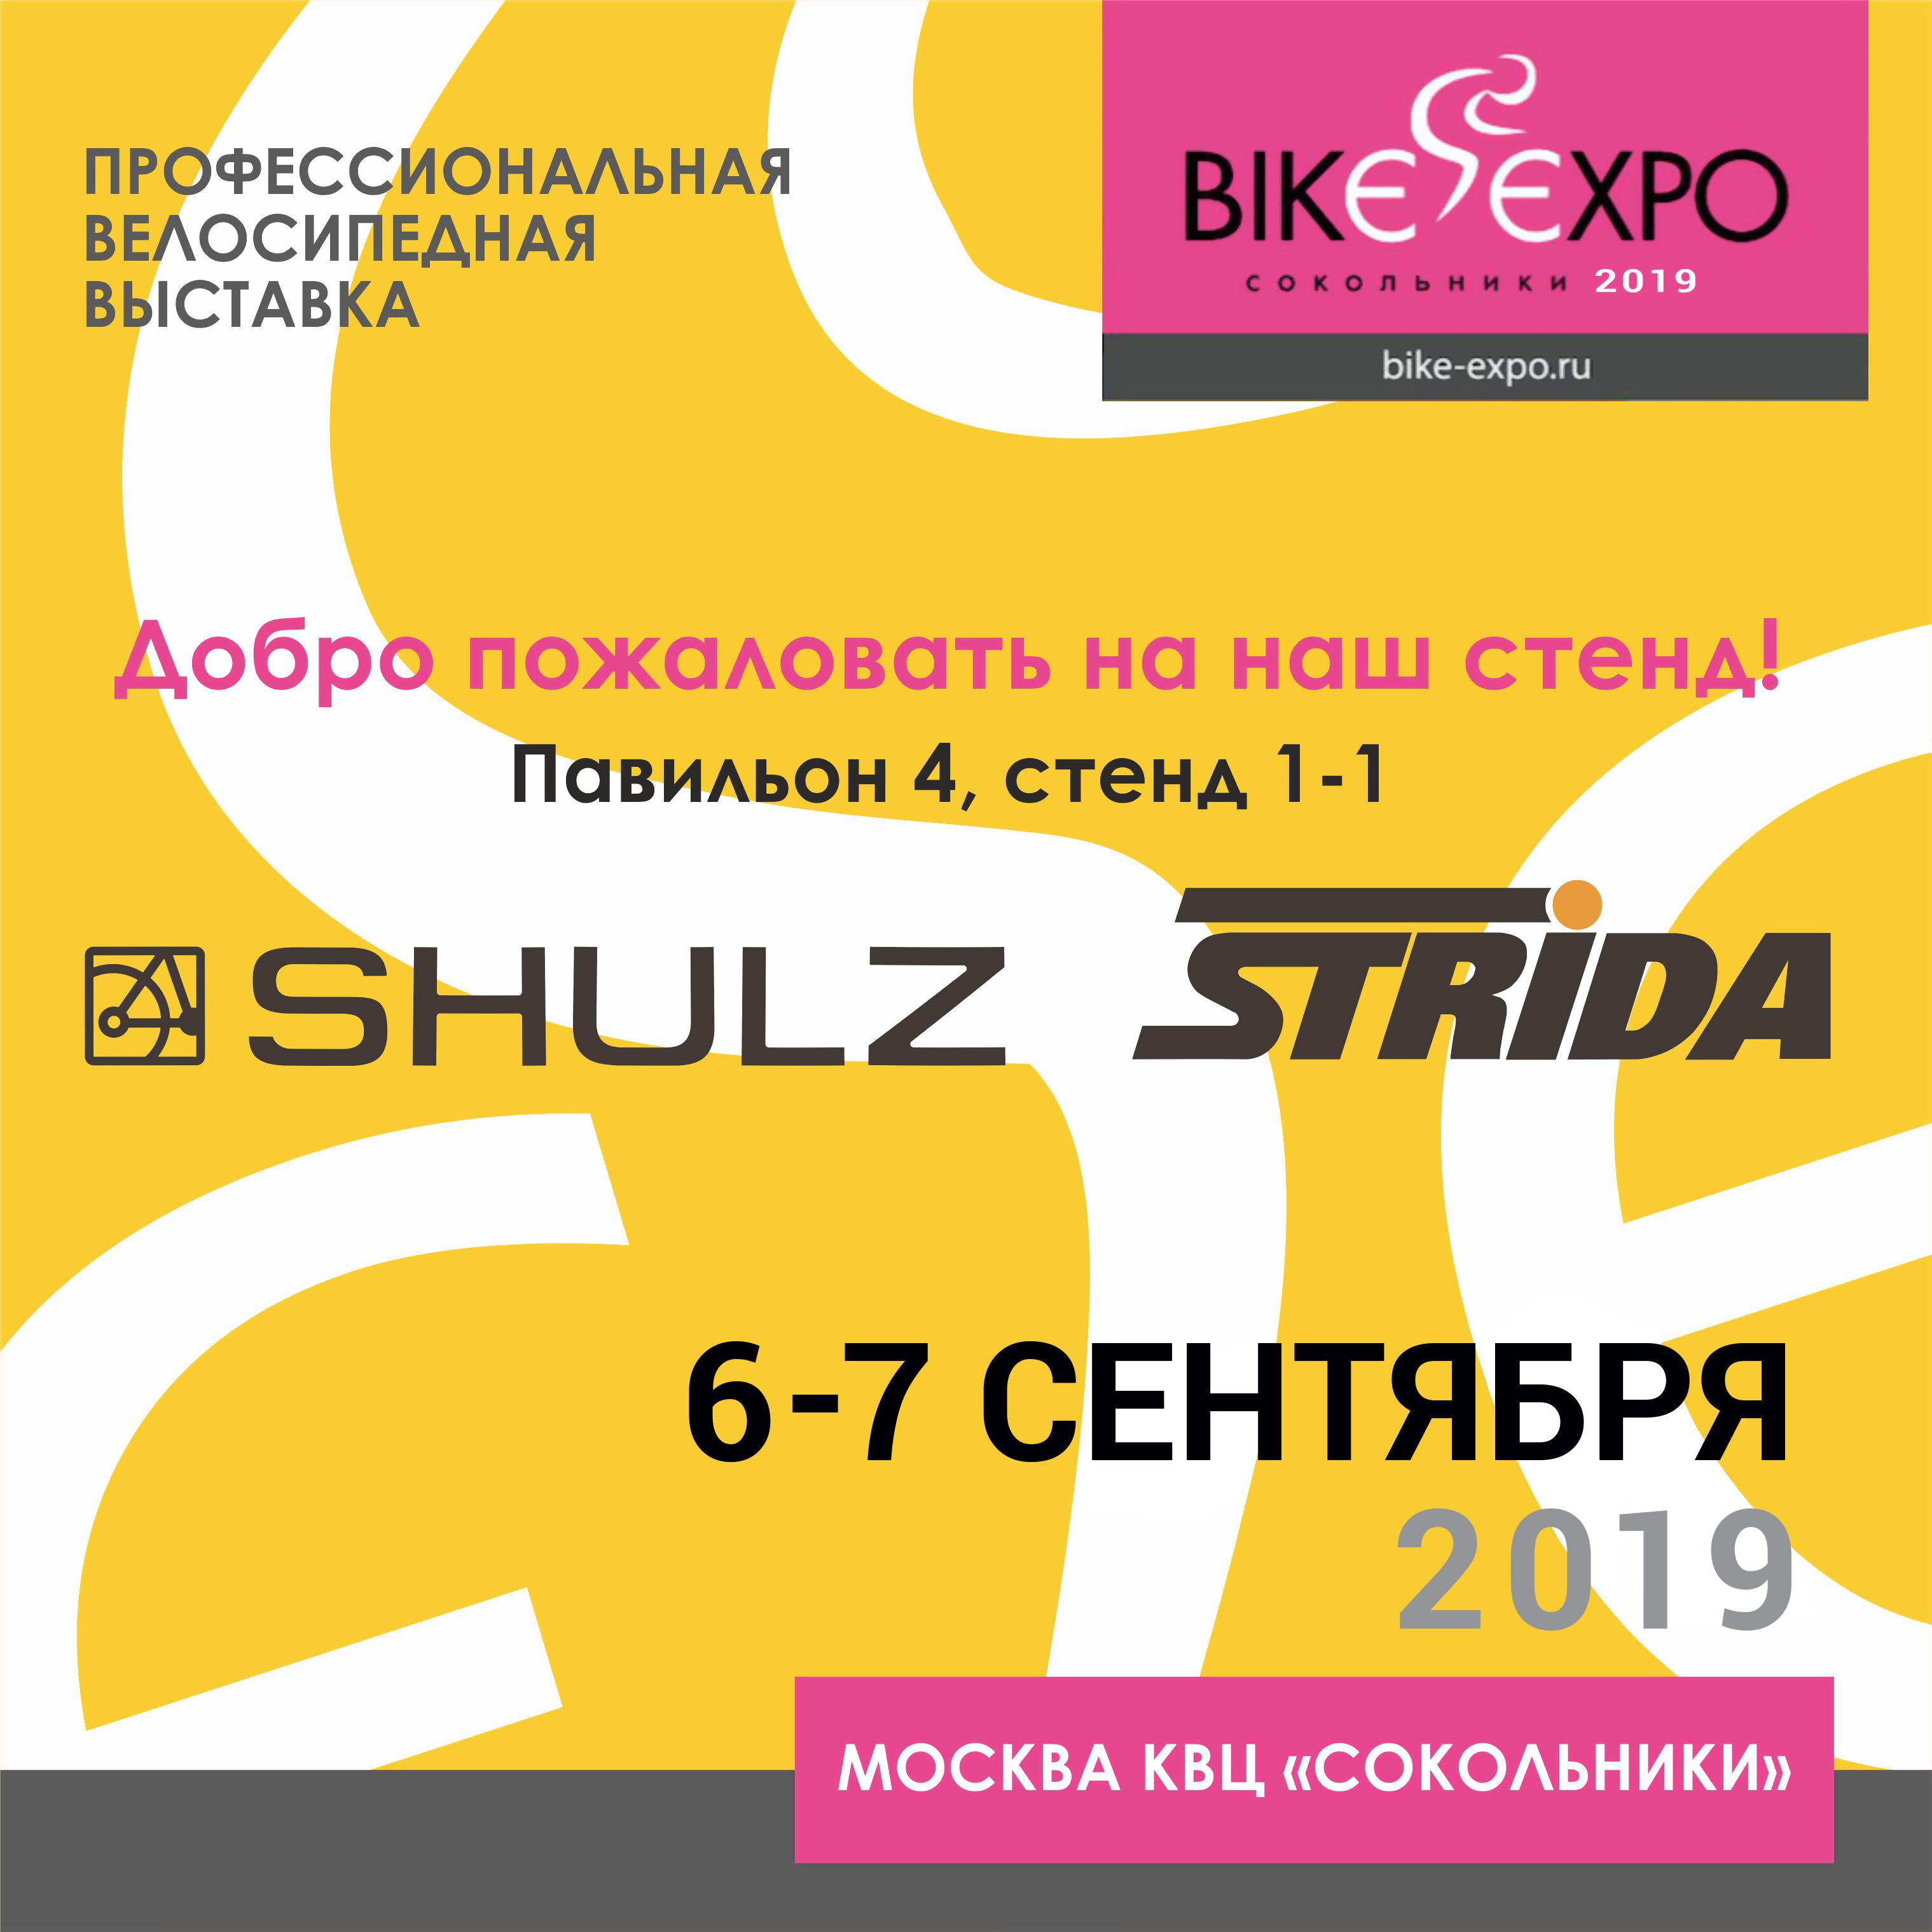 Bikе Expo: презентуем новинки